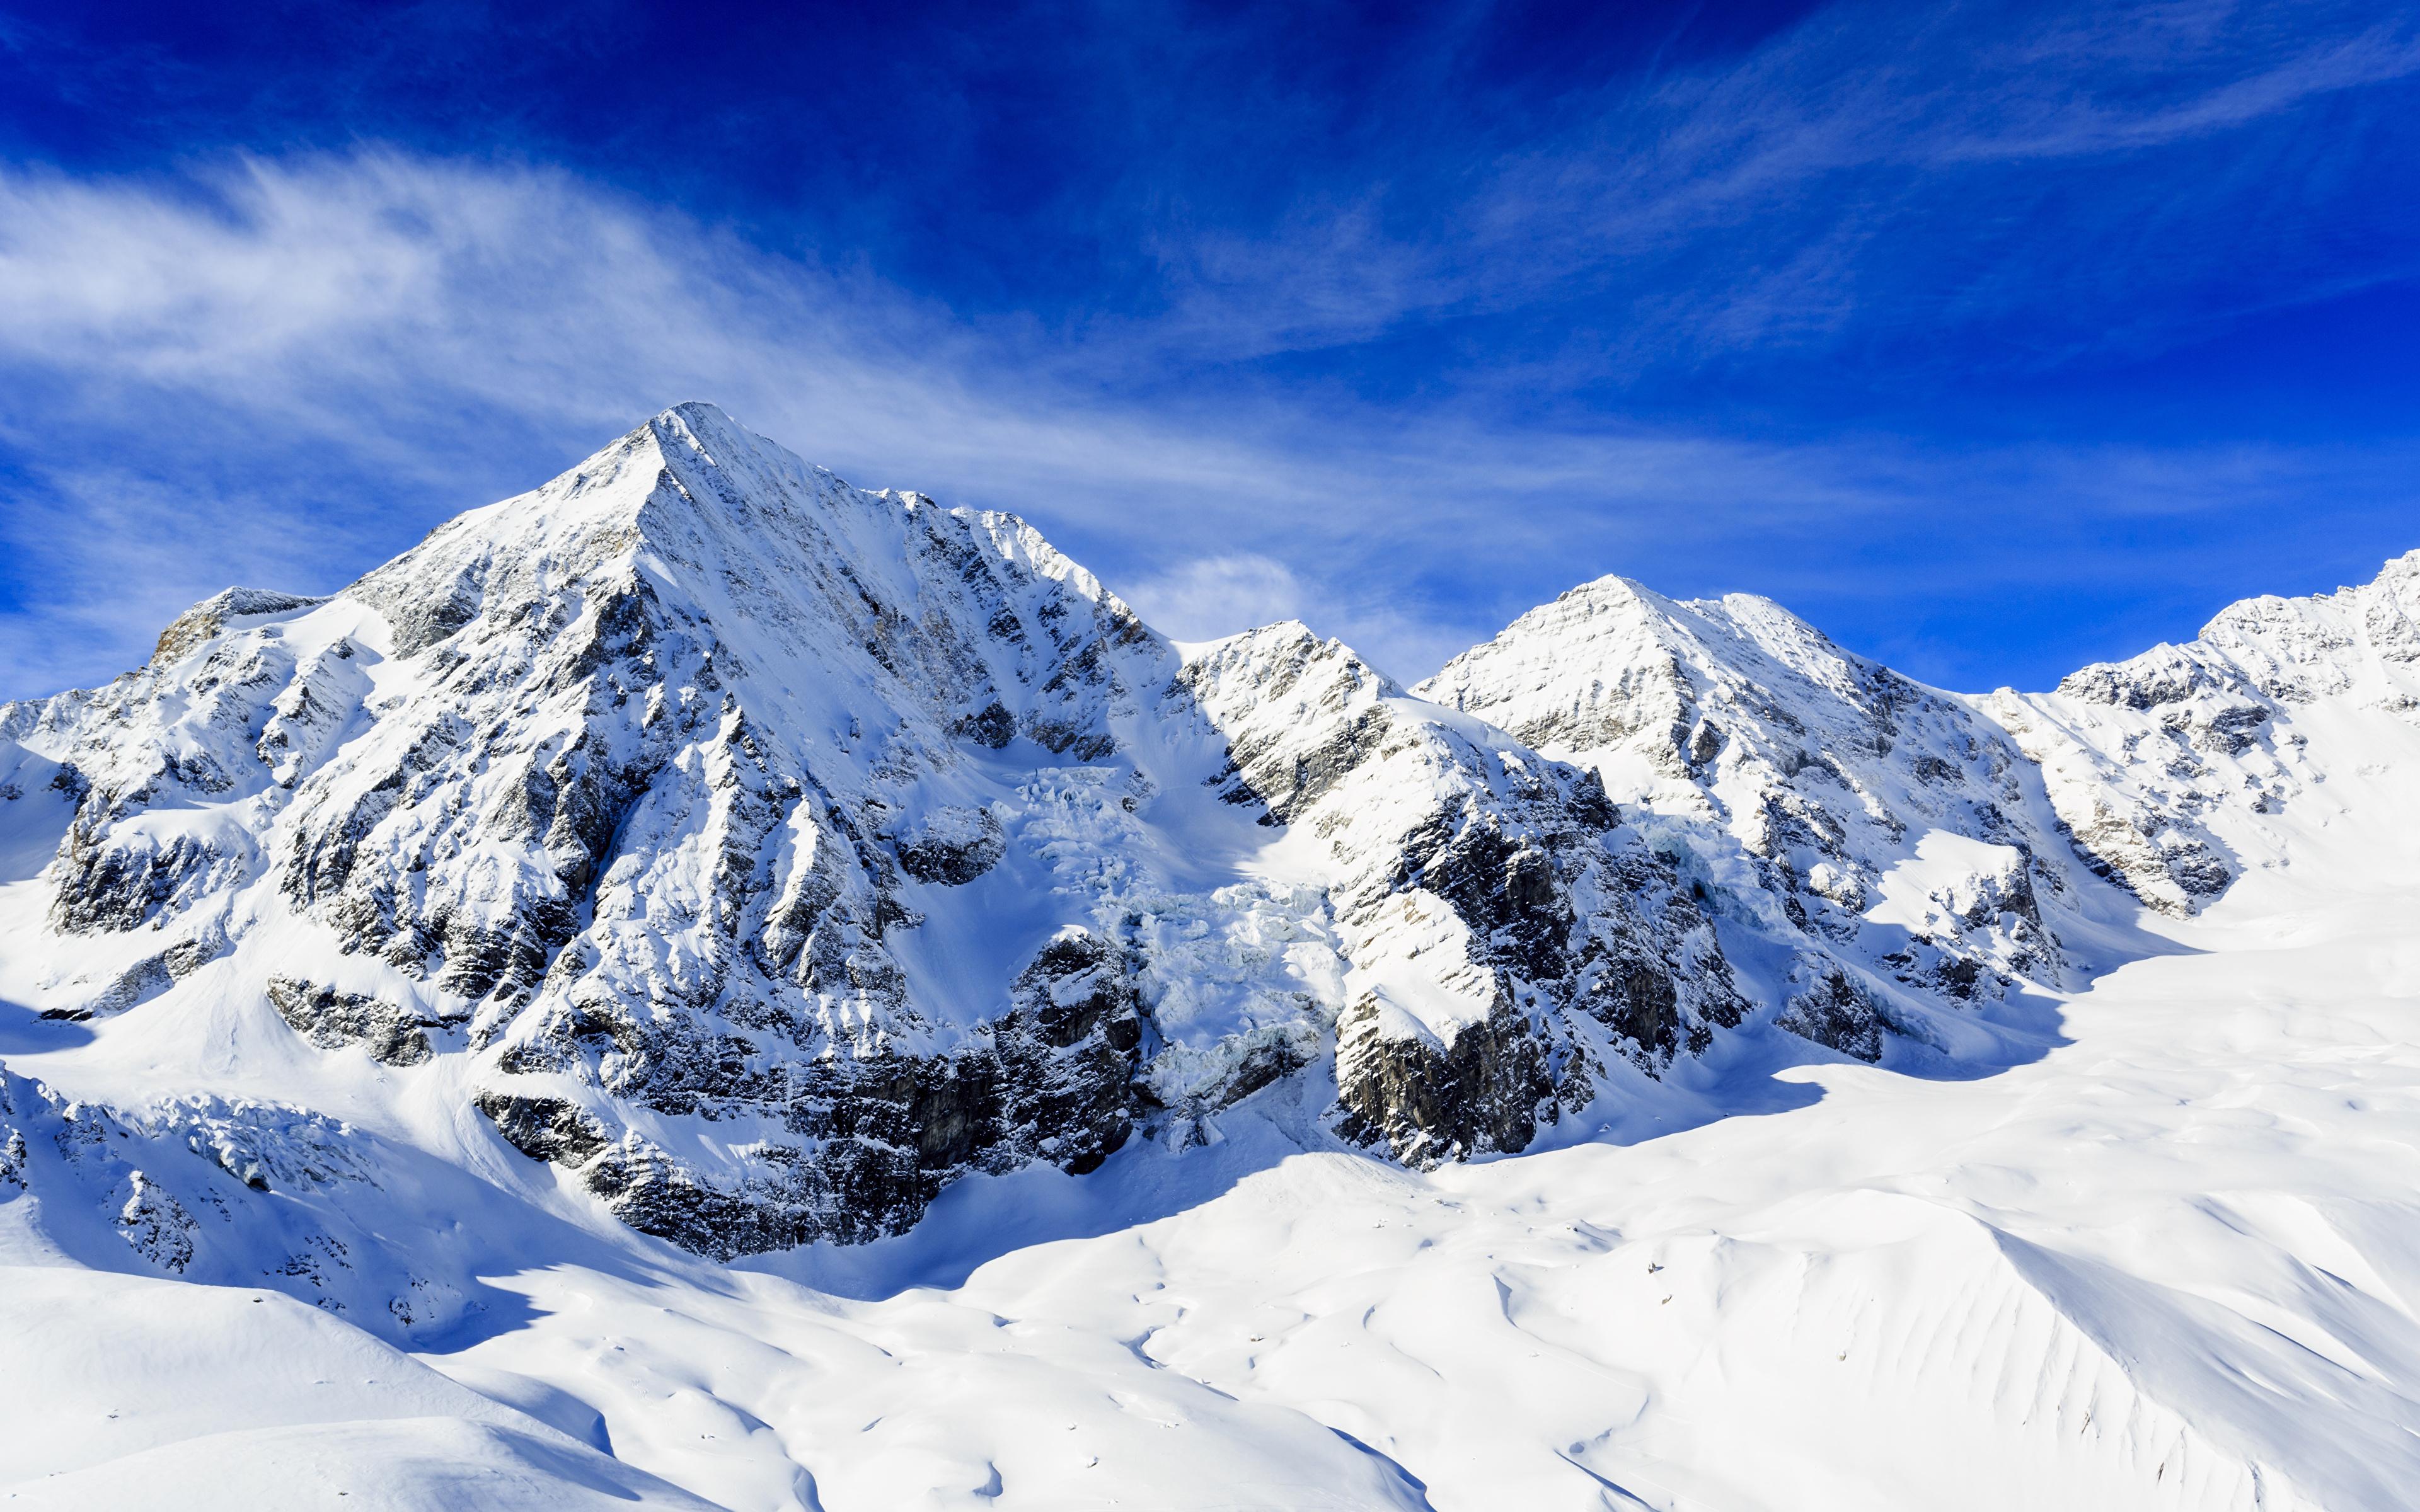 Fonds D Ecran 3840x2400 Montagnes Photographie De Paysage Ciel Neige Nature Telecharger Photo